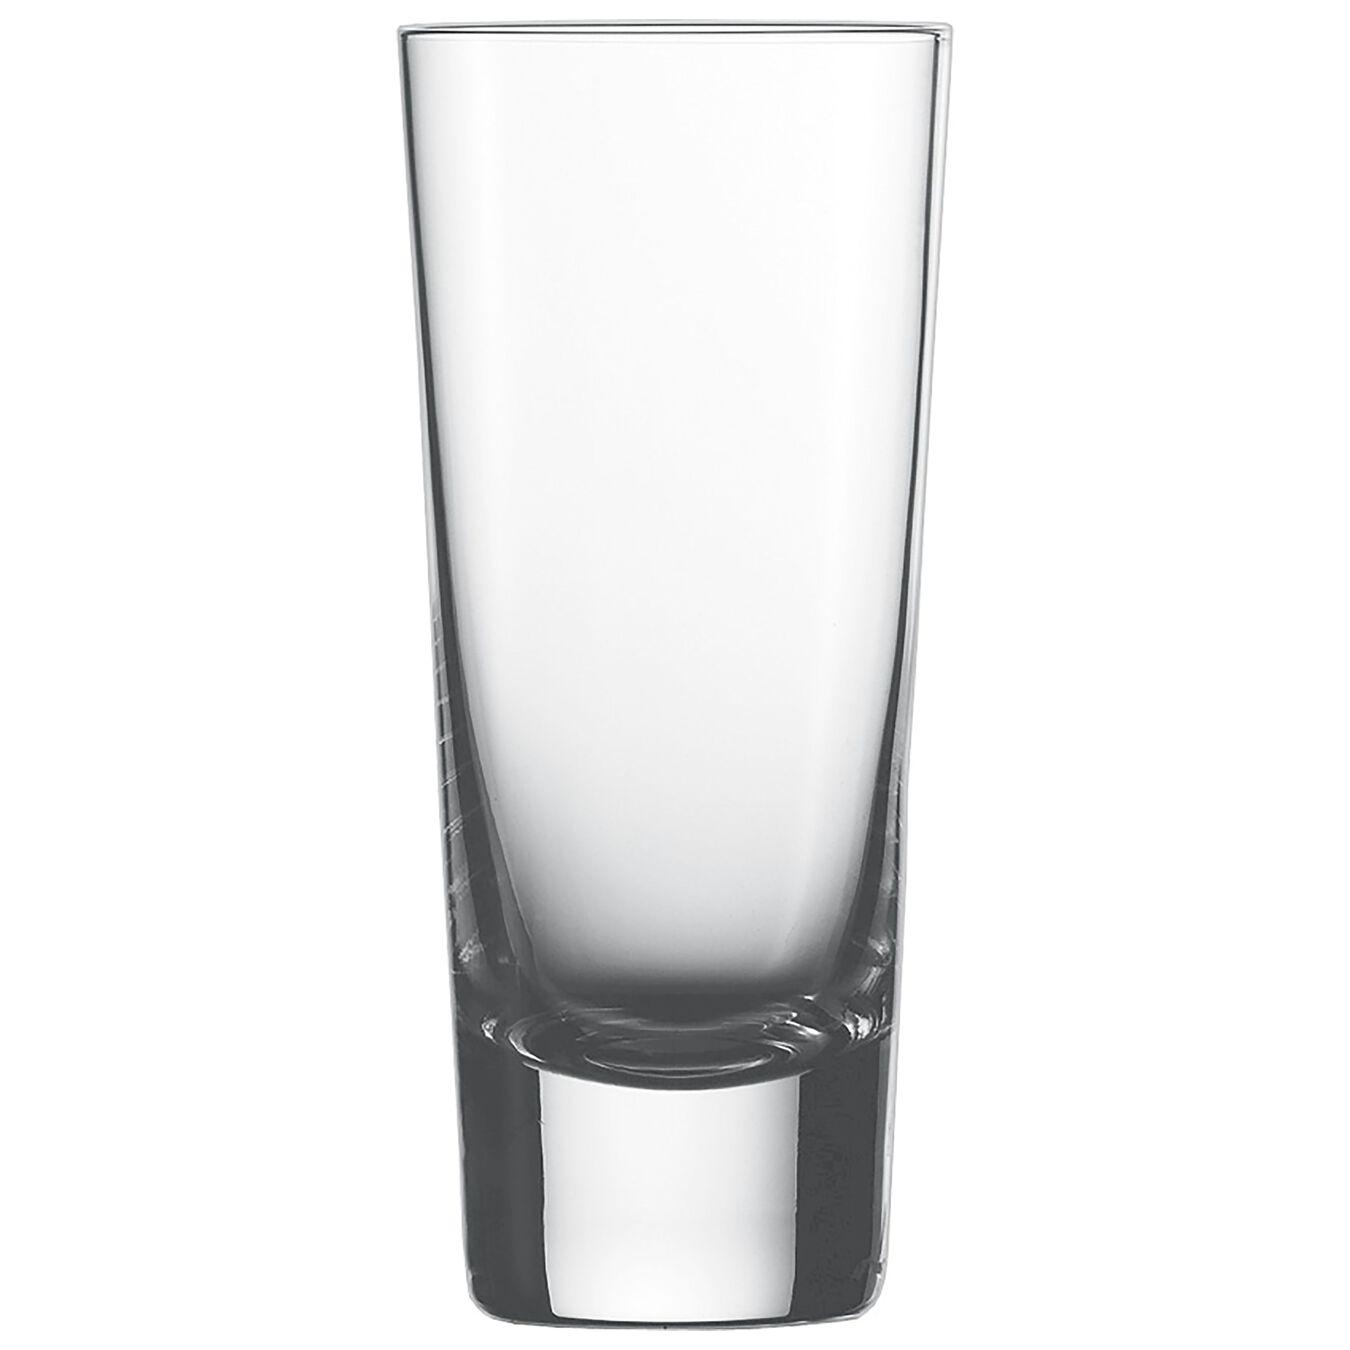 Bira Bardağı   240 ml,,large 1